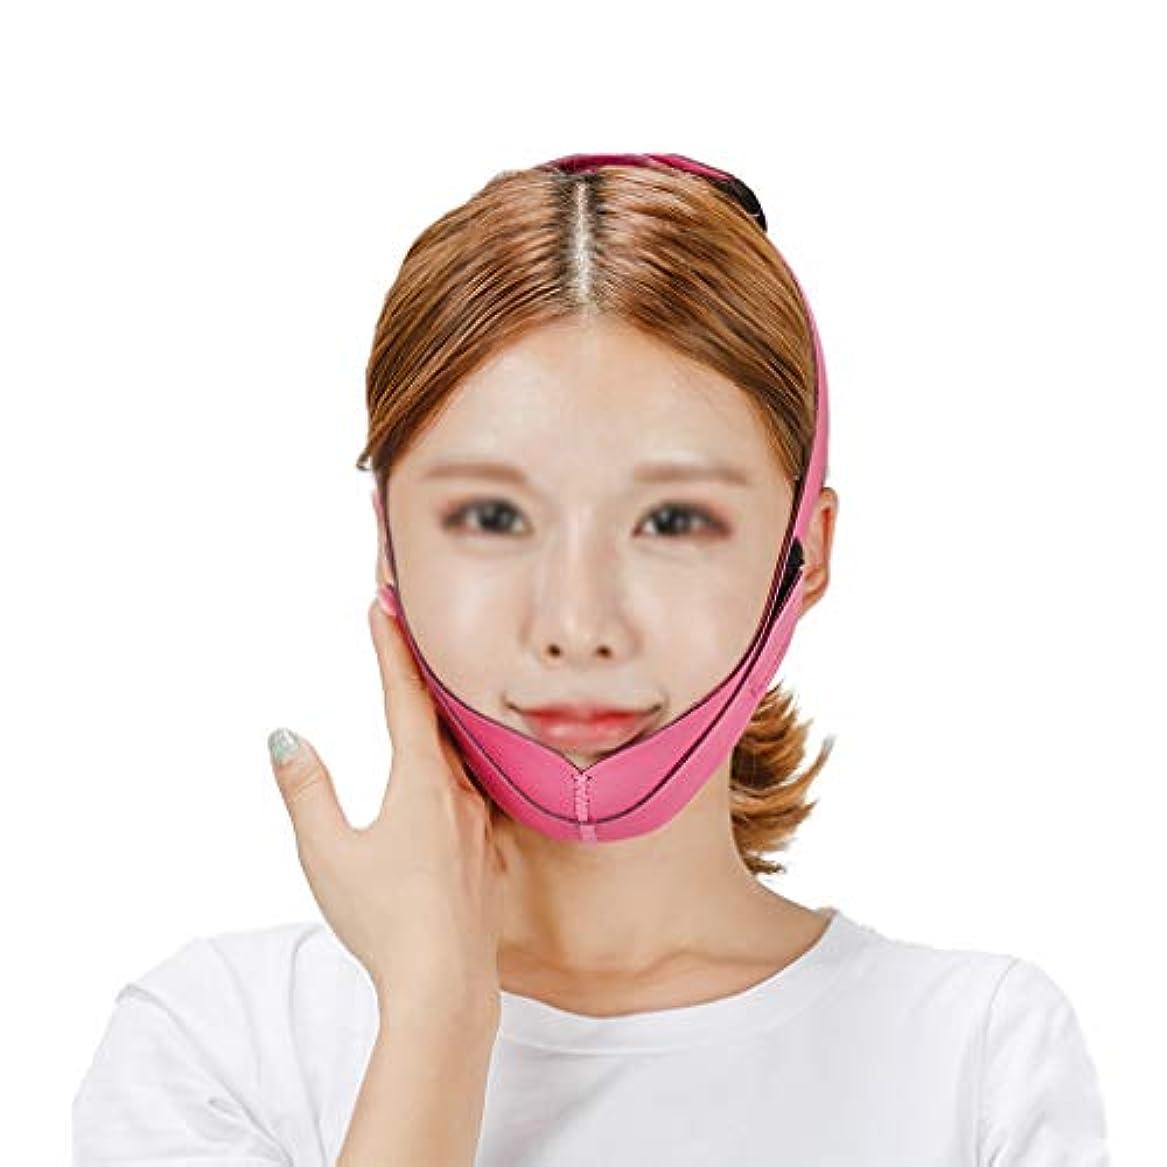 部族衝動補充XHLMRMJ 超薄Vフェイスライン、フェイスリフティングマスク、Vフェイスリフティングとリフティングファーミングパターン、シェイピングフェイス、改善ダブルチン、ピンク、女性に適しています